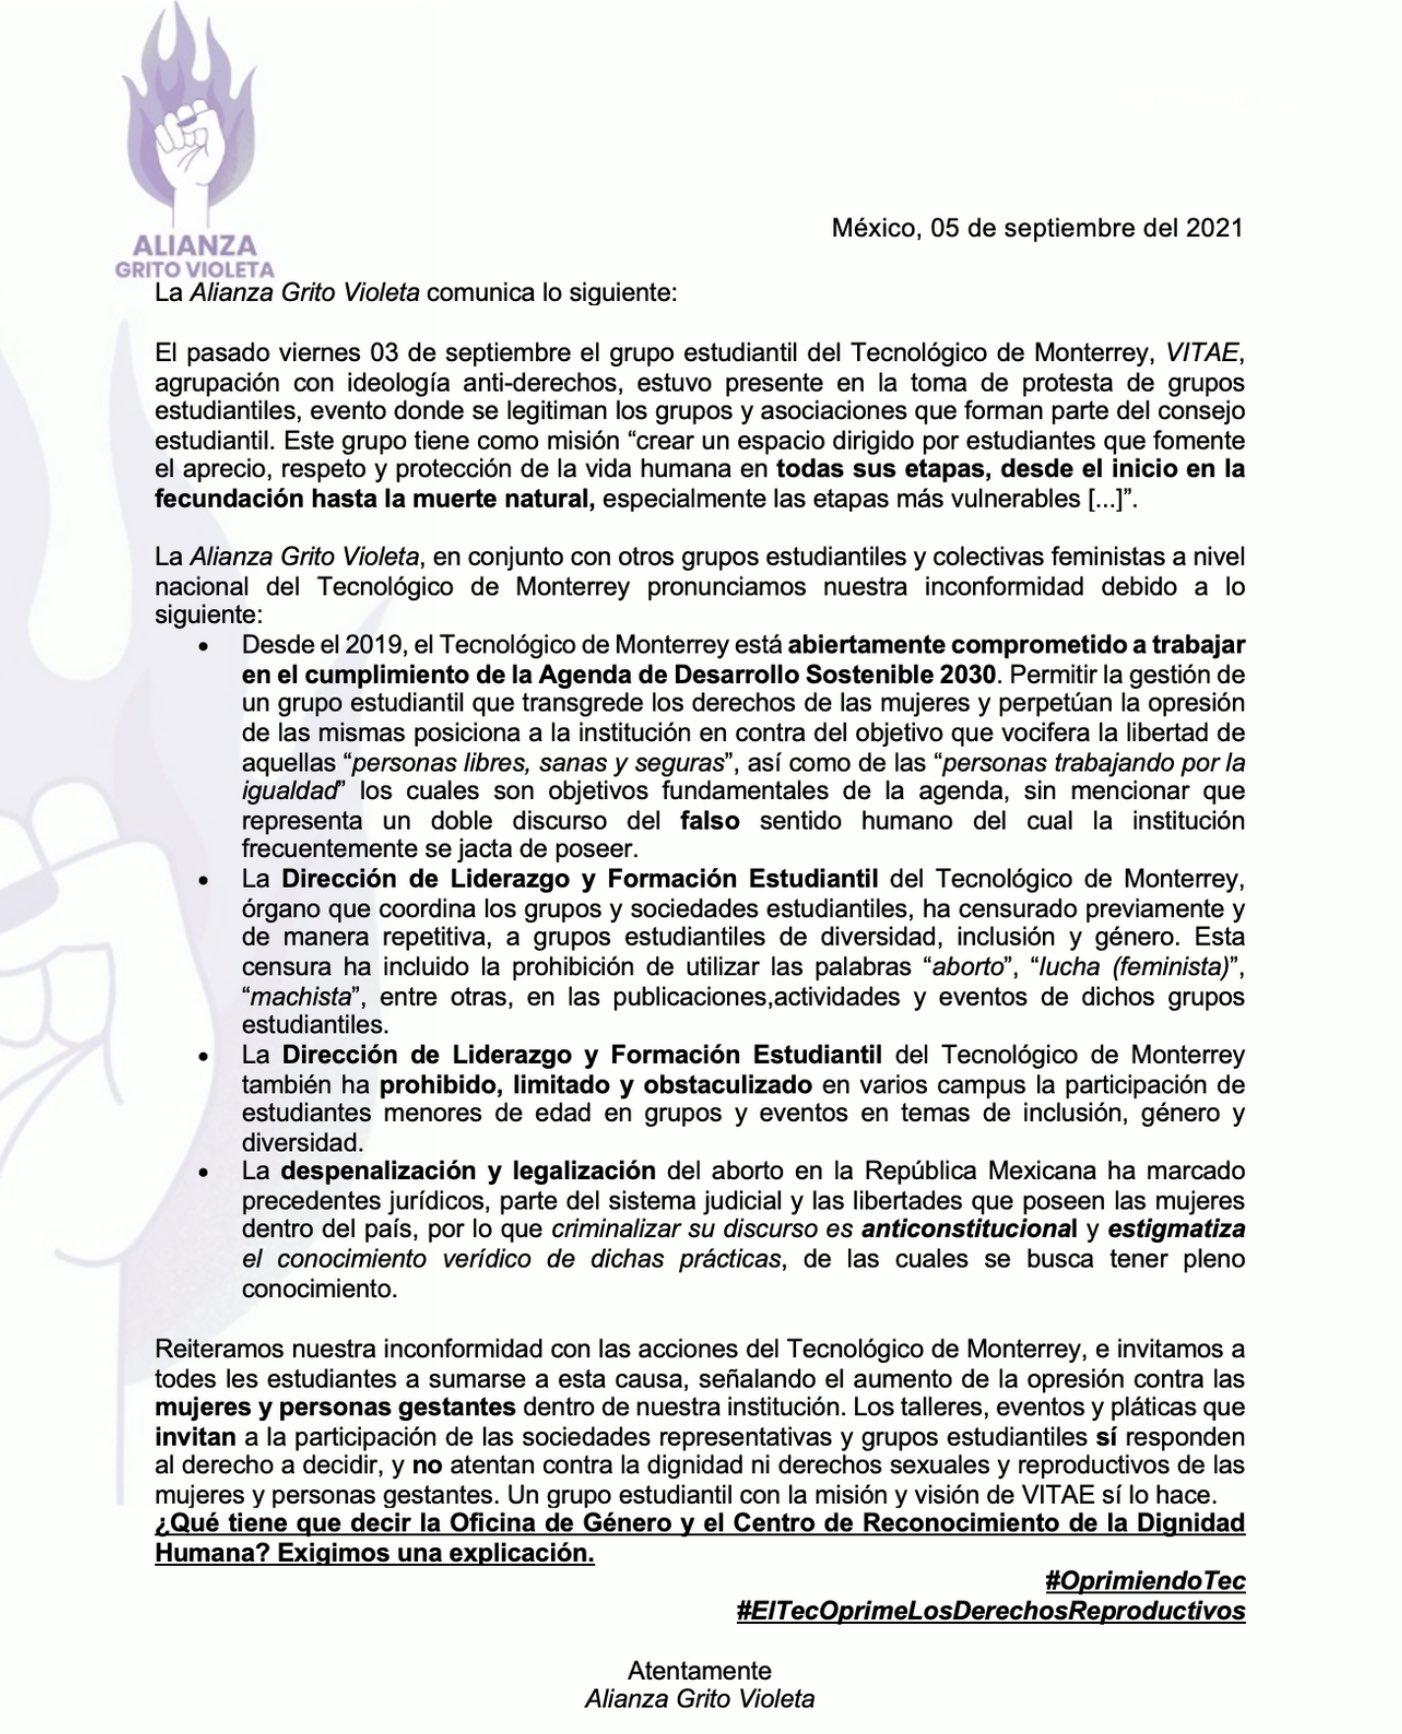 Tec de Monterrey censura a grupos estudiantiles feministas y LGBT+